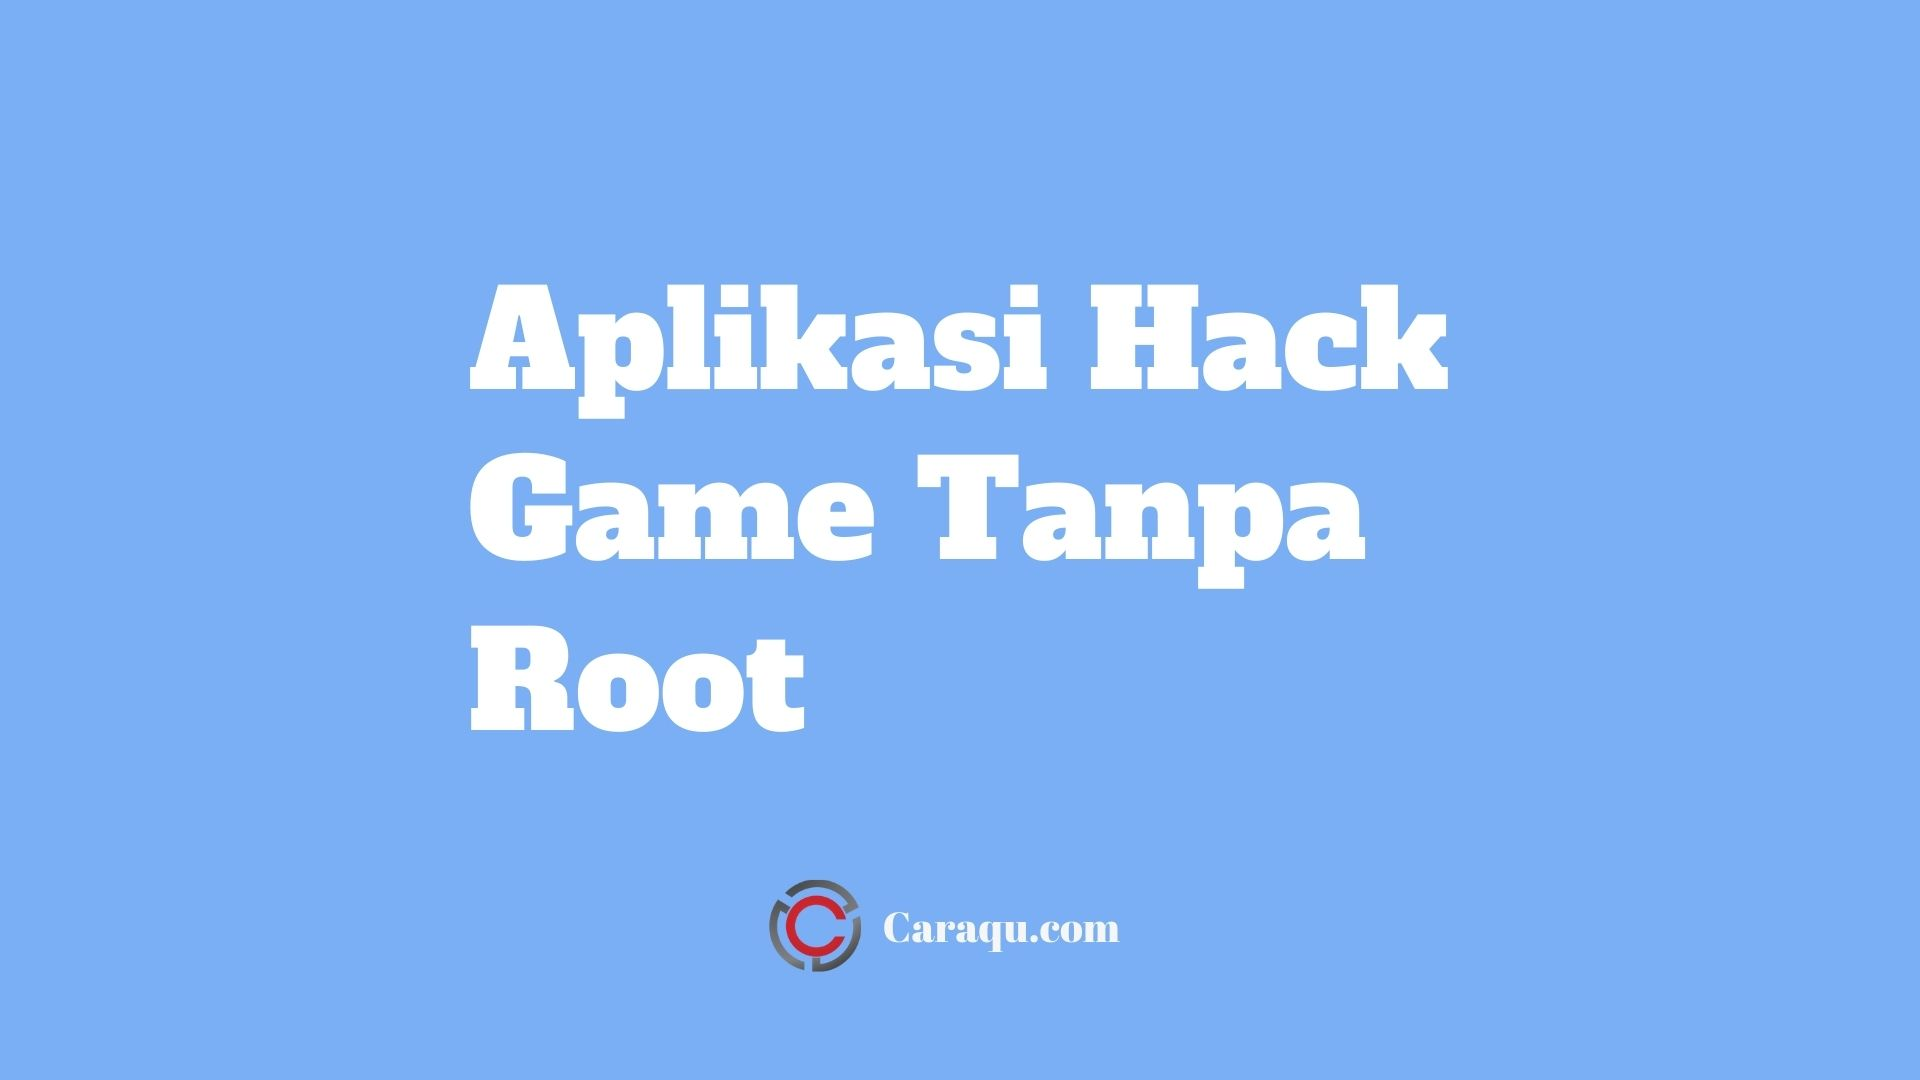 Aplikasi Hack Game Tanpa Root